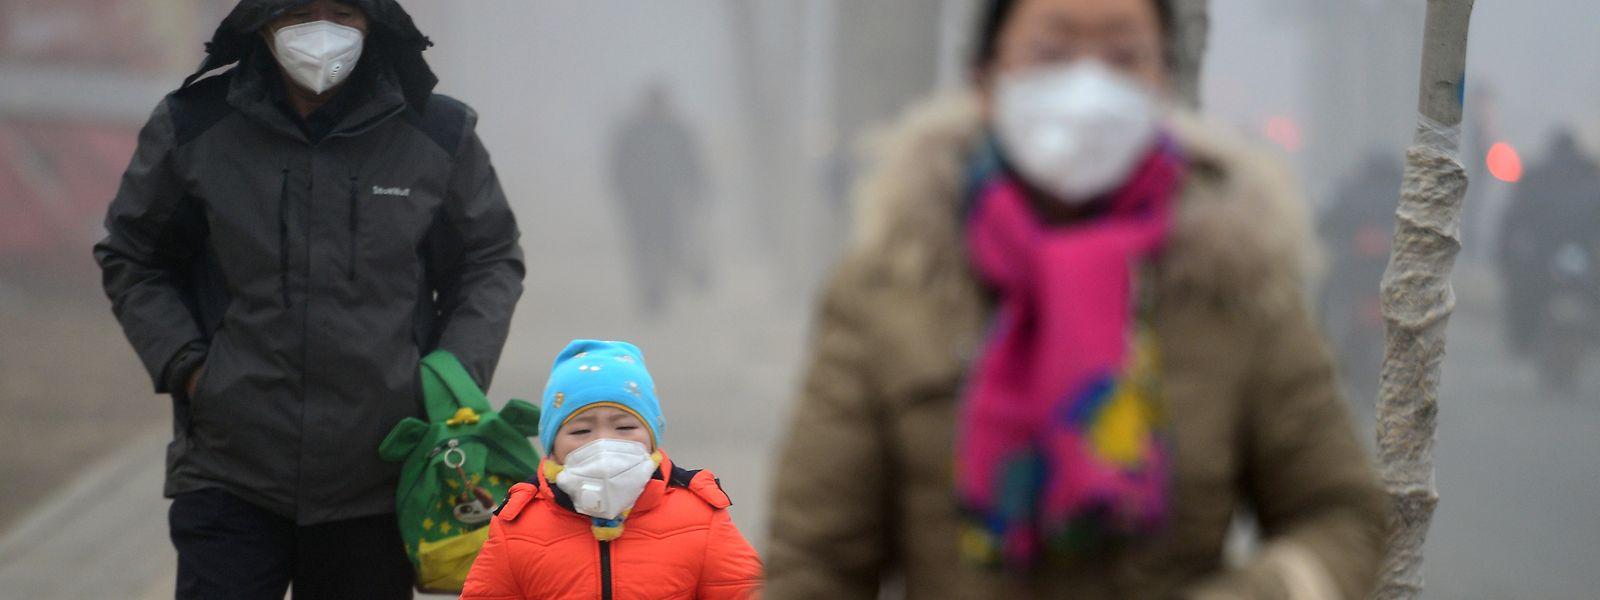 Dicke Luft und schlechtes Klima: In chinesischen Großstädten haben sich manche Bewohner daran gewöhnt, jeden Tag Atemmasken zu tragen.